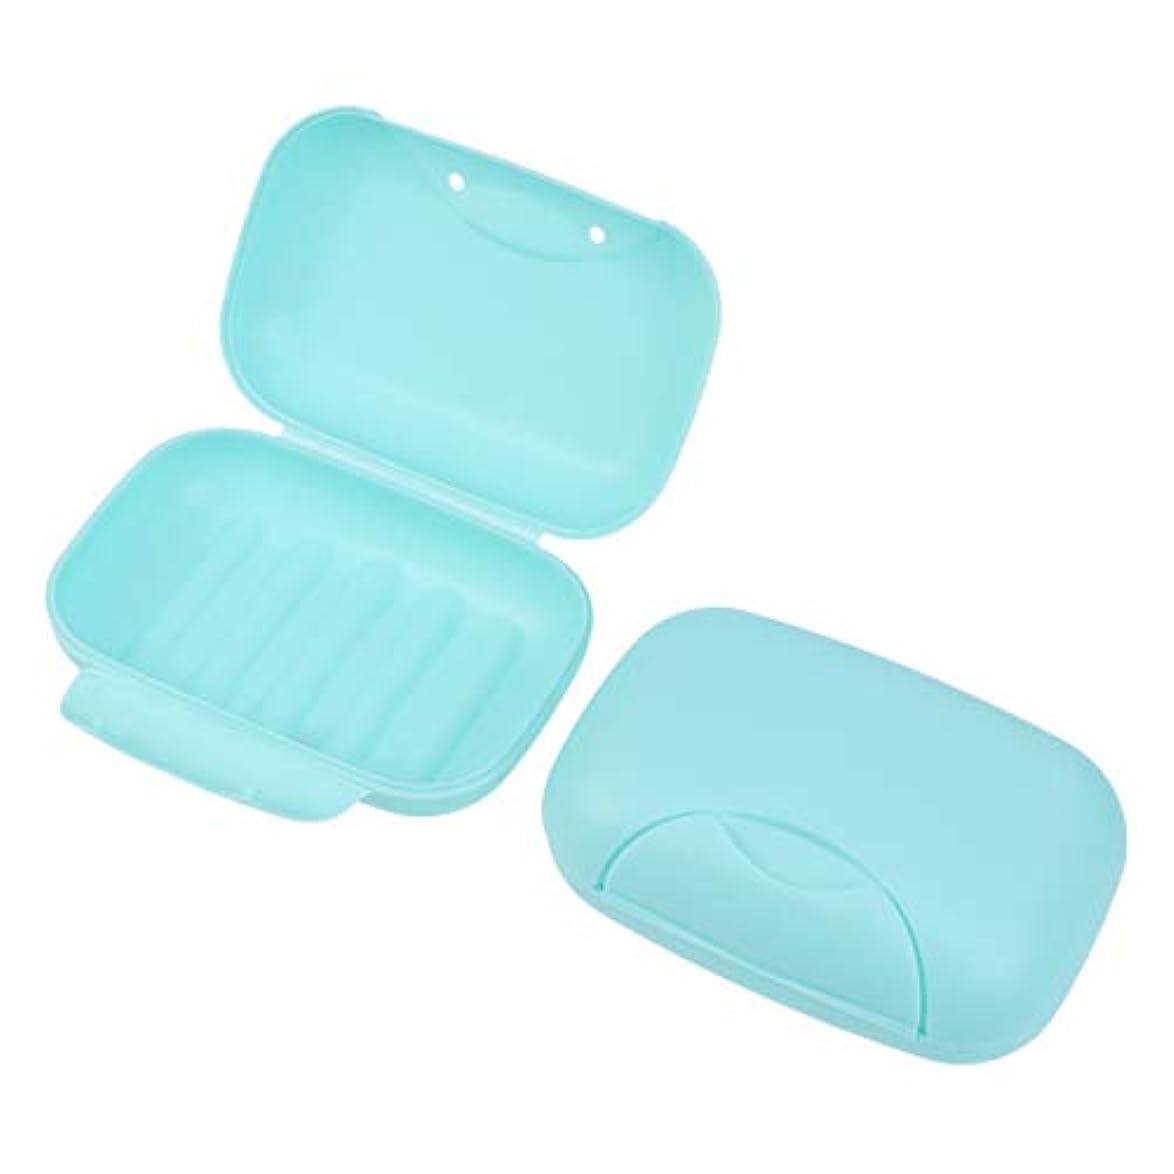 聖職者感謝繁栄Healifty 旅行用ソープボックス防水石鹸皿ソープホルダー2個(青)